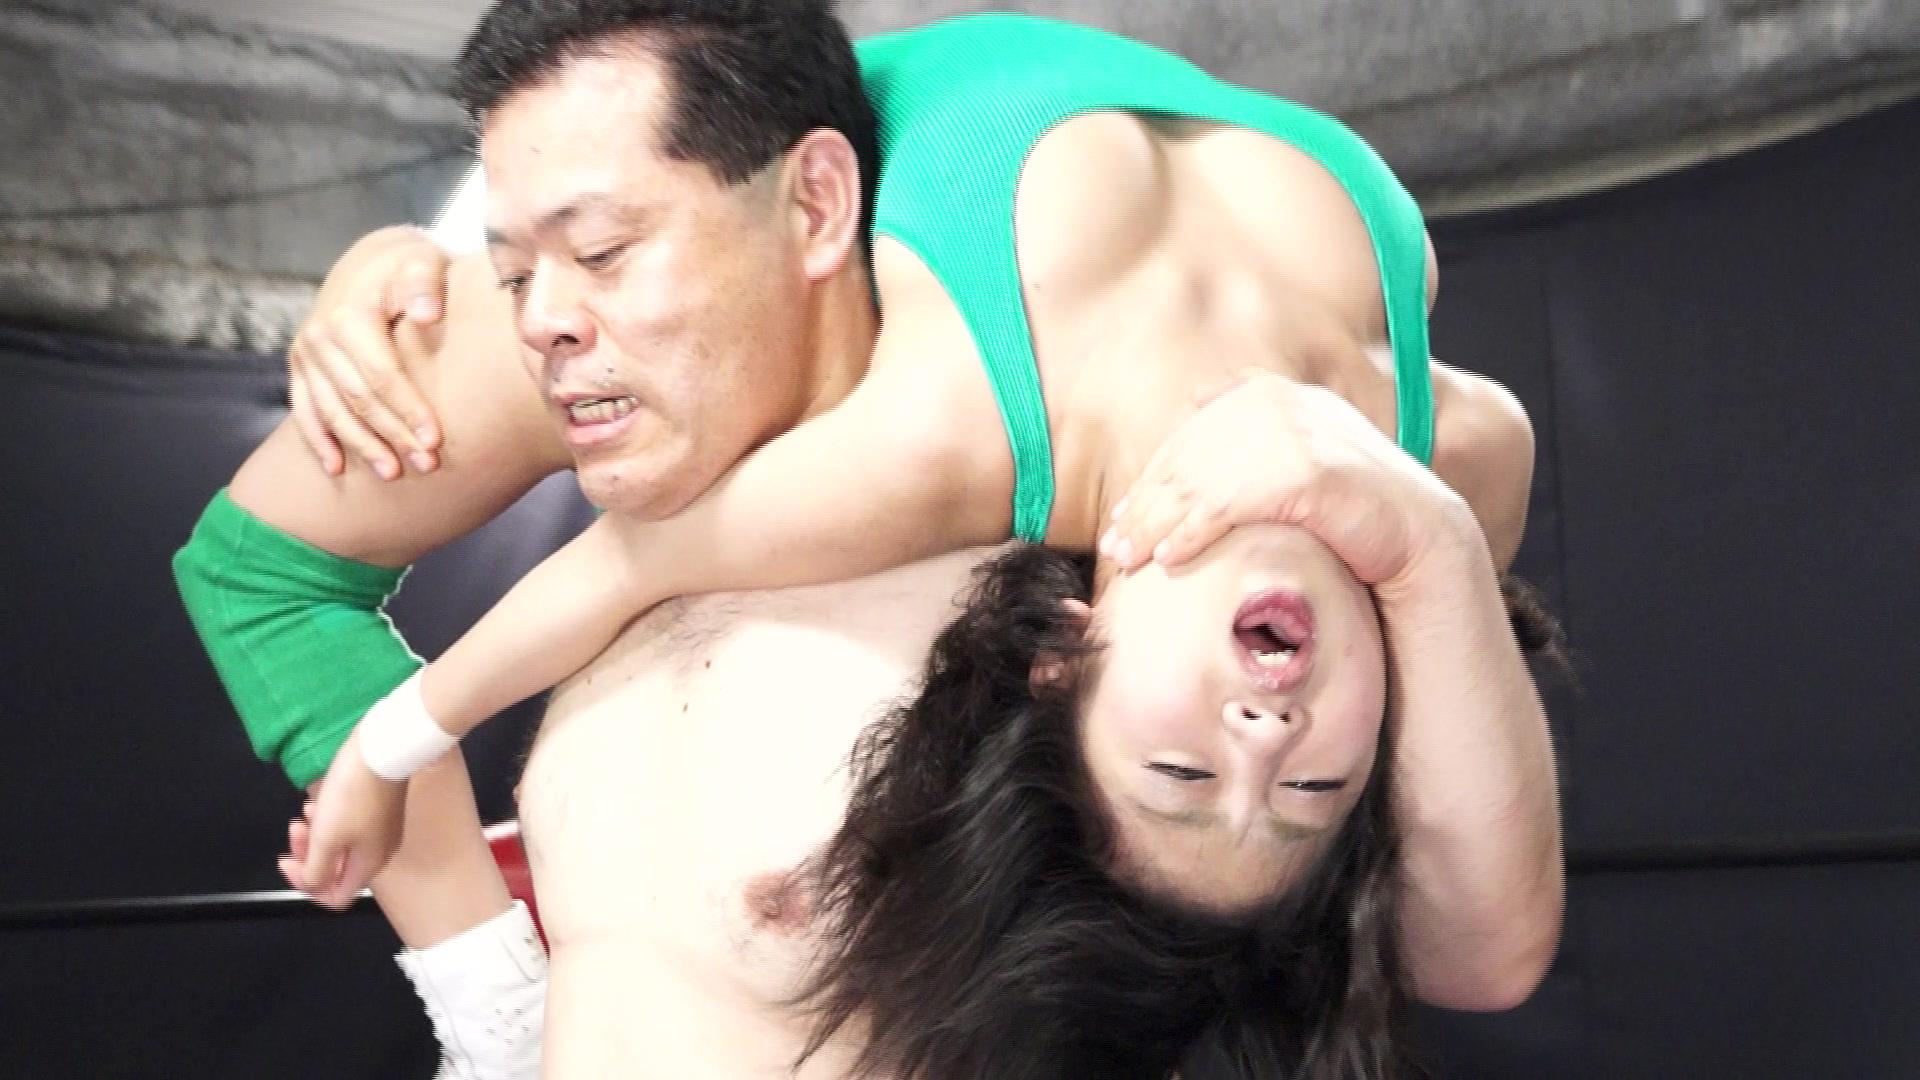 秘密の男女混合試合 女子レスラー完全敗北 vol.1 サンプル画像02